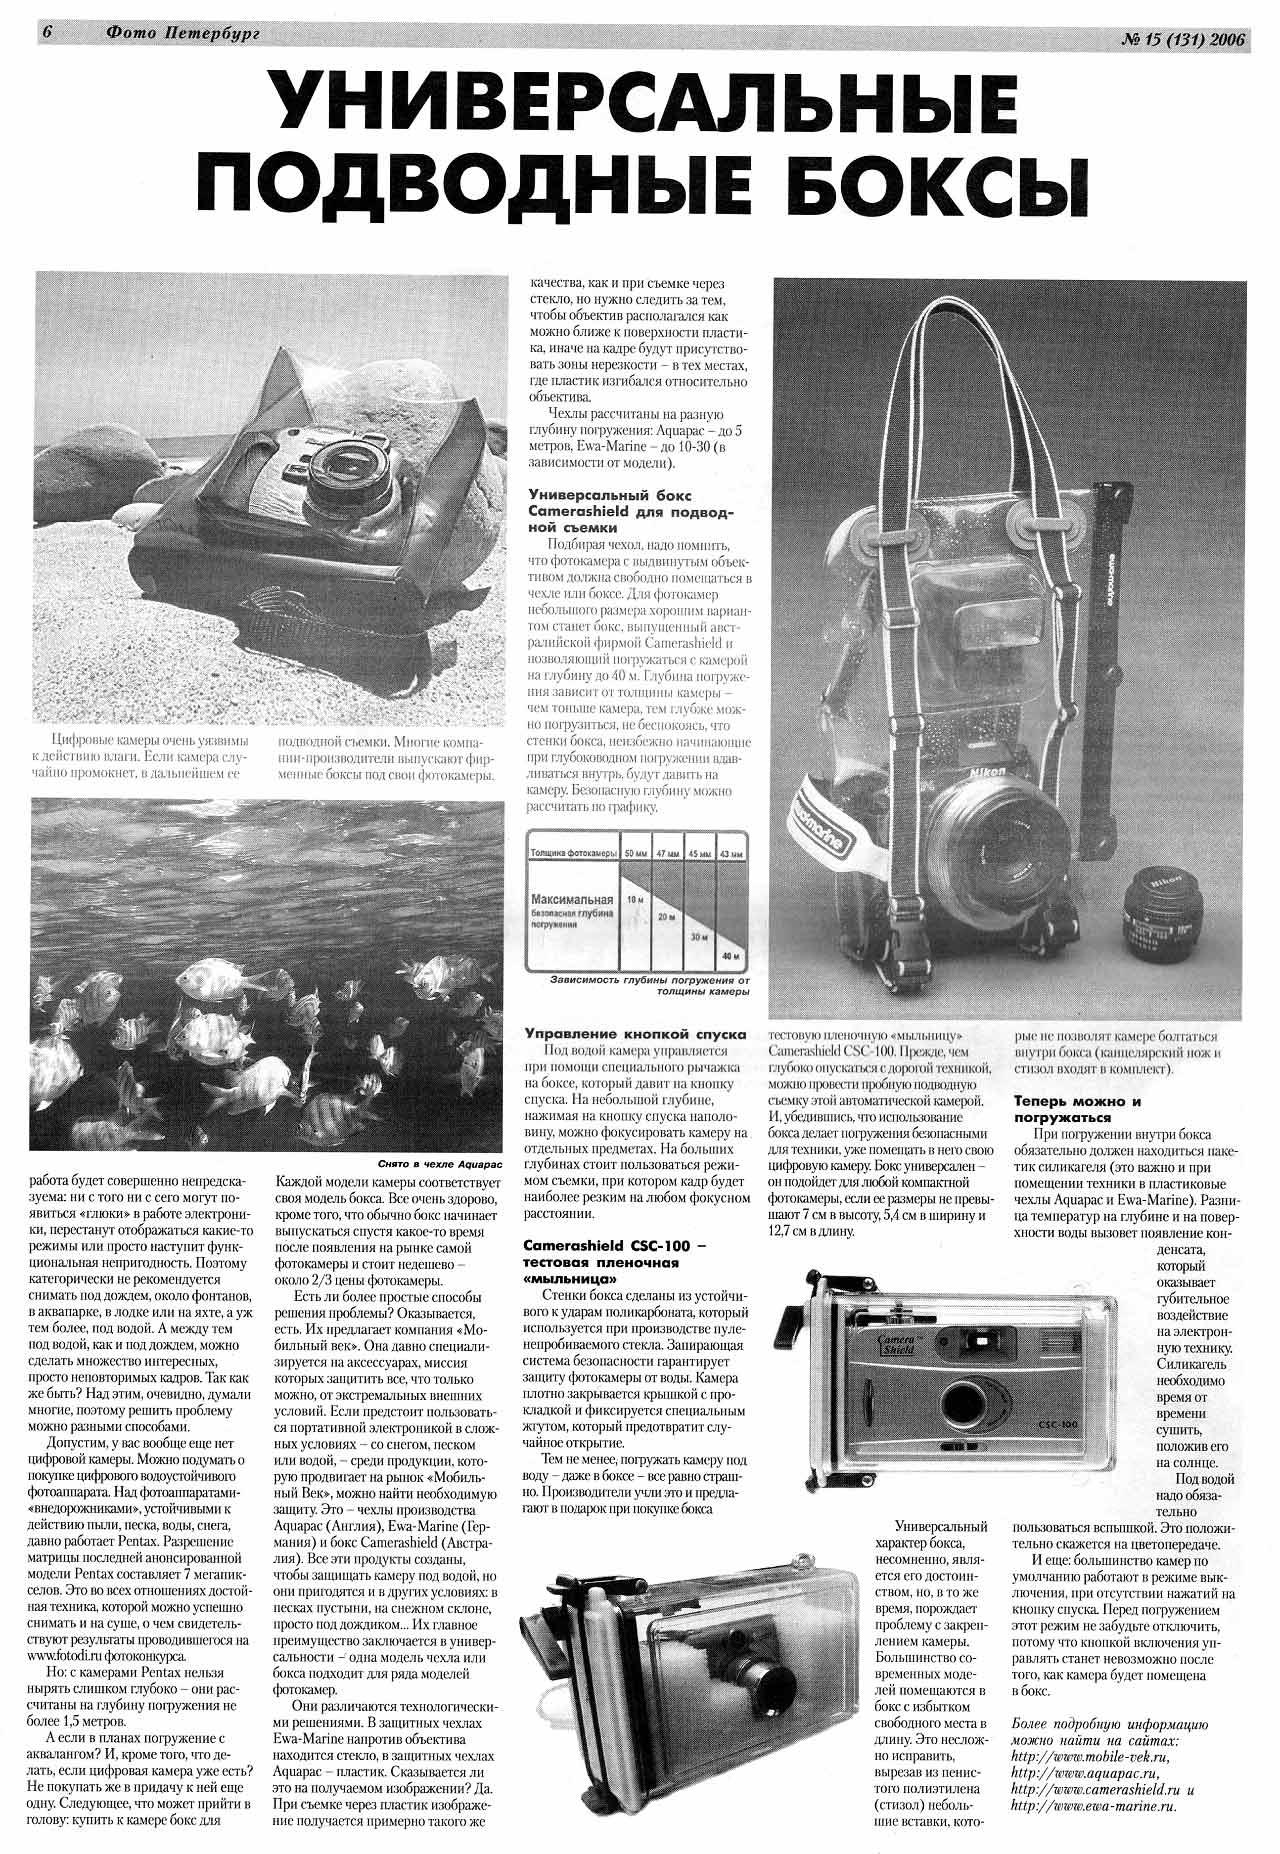 Универсальные подводные боксы